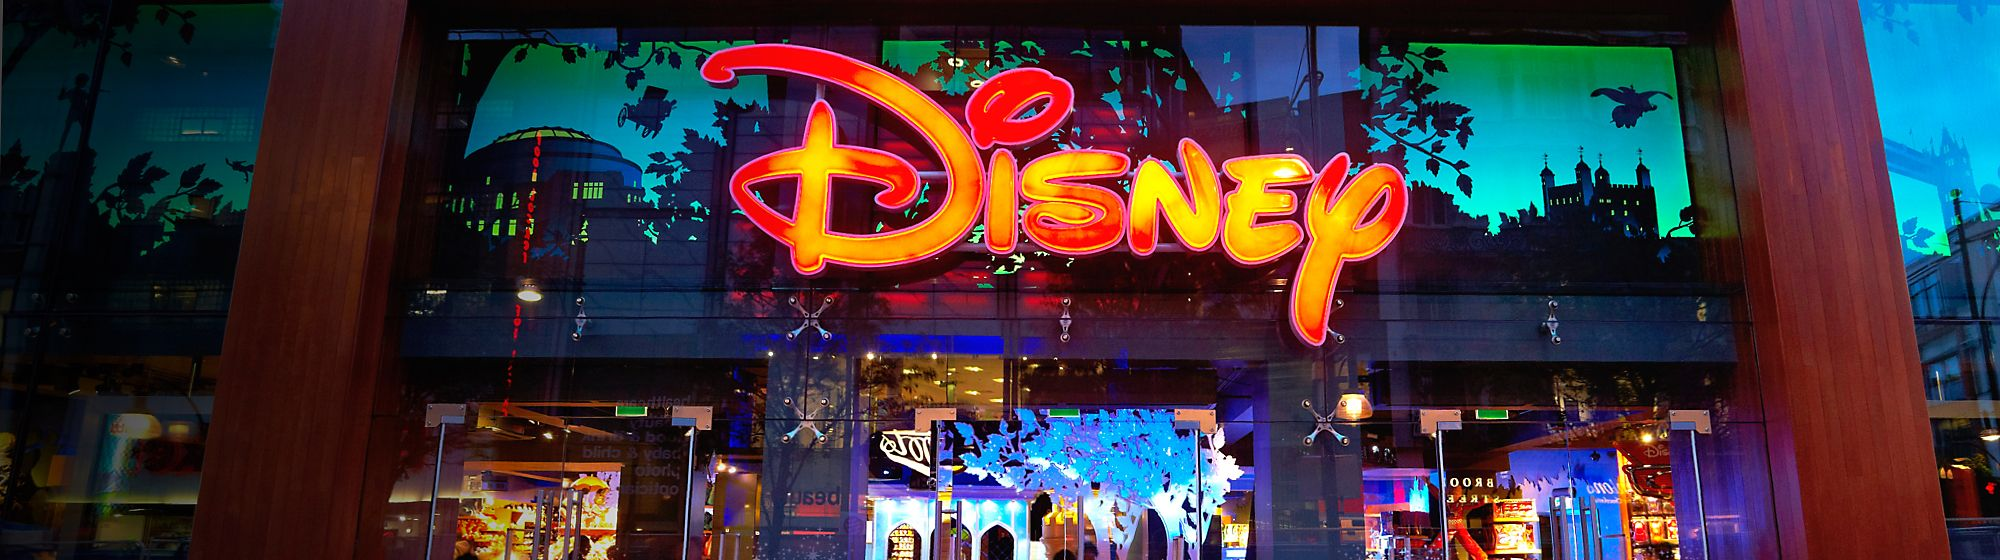 Disney Store Das Zuhause für Disney Geschenke, Spielwaren und Kleidung. Entdecke exklusive Disney Produkte mit deinen Lieblings-Disneyfiguren.